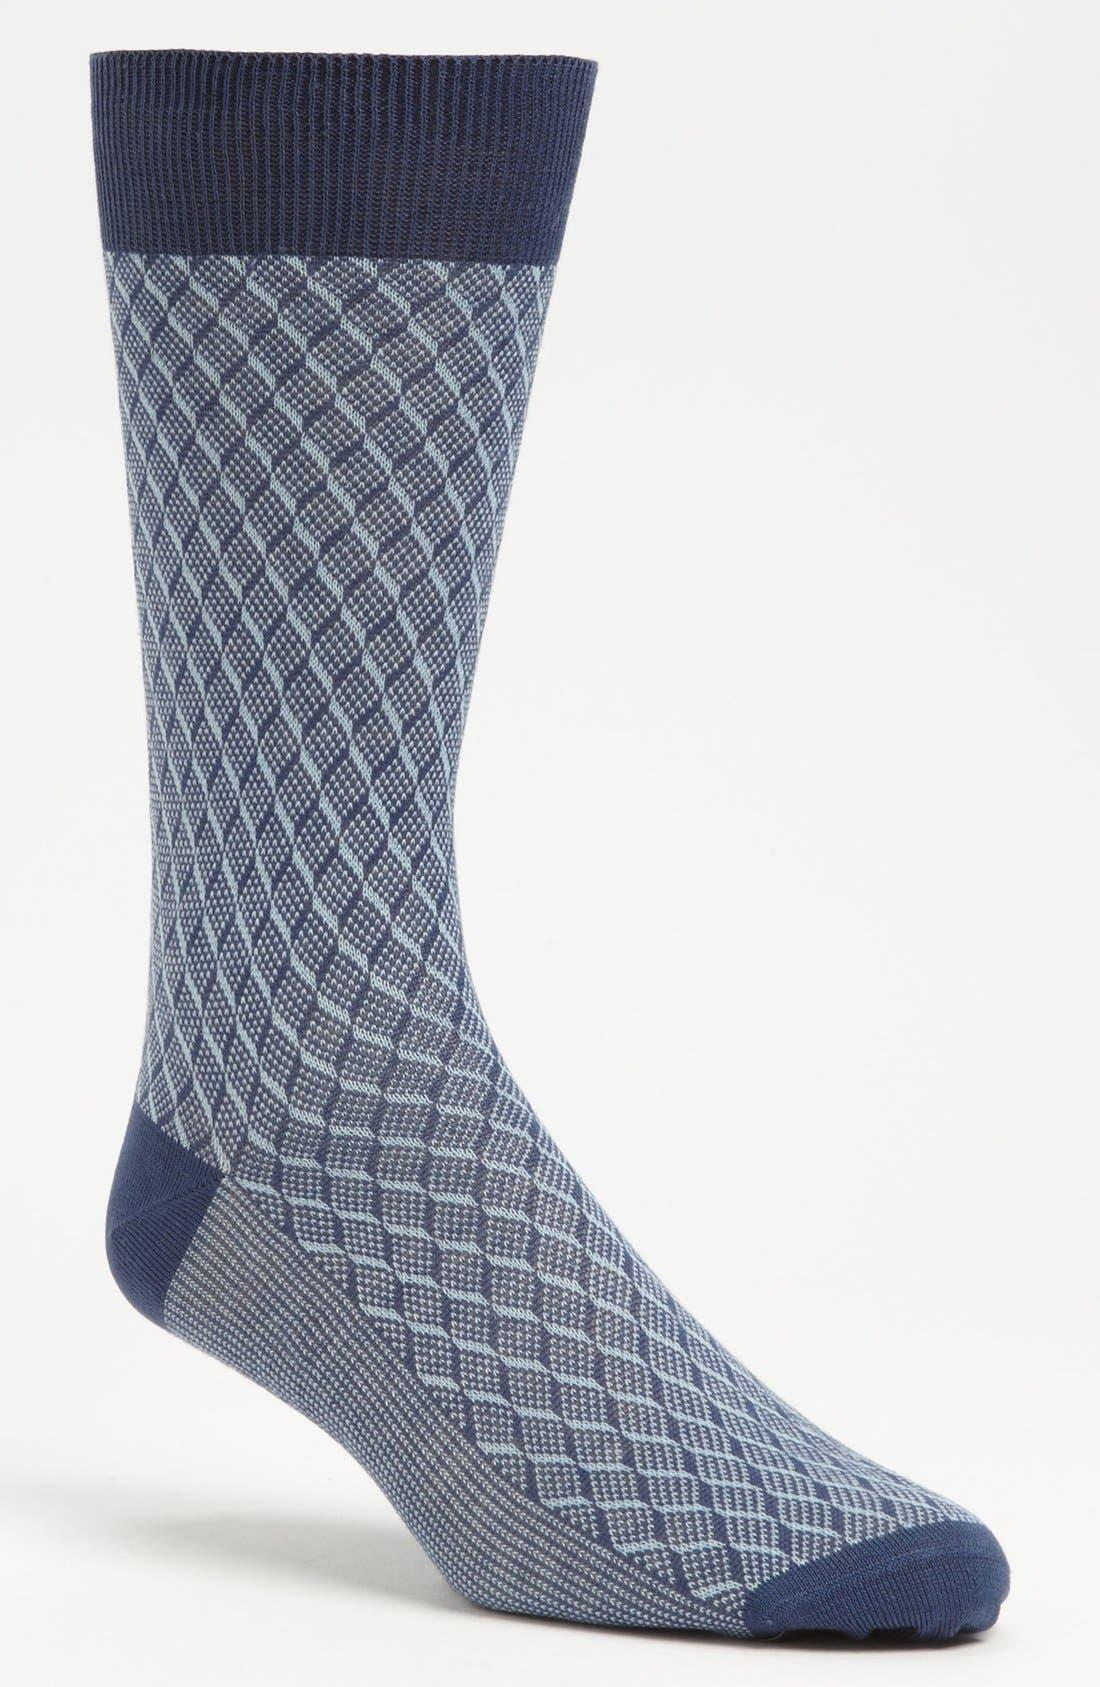 Main Image - Canali Check Socks